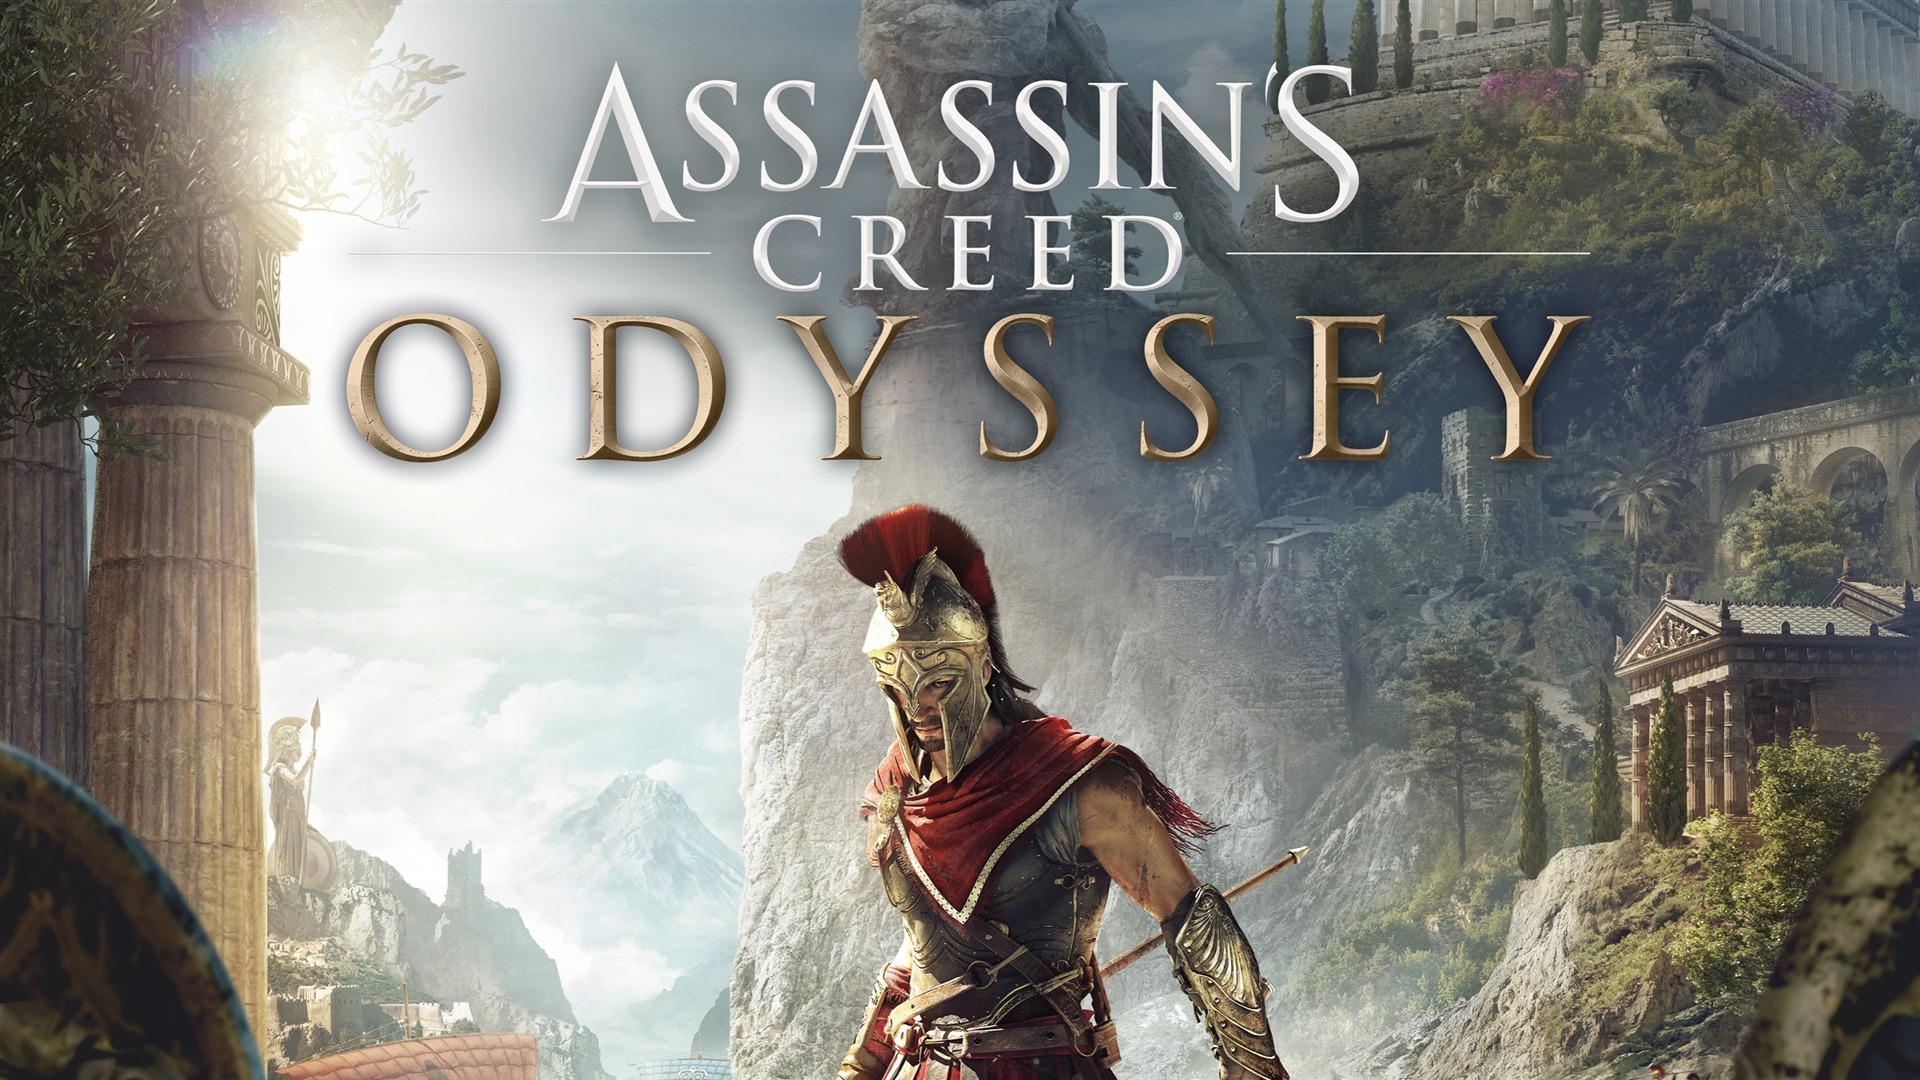 刺客信条,奥德赛,E3,游戏,海报预览 | 10wallpaper.com